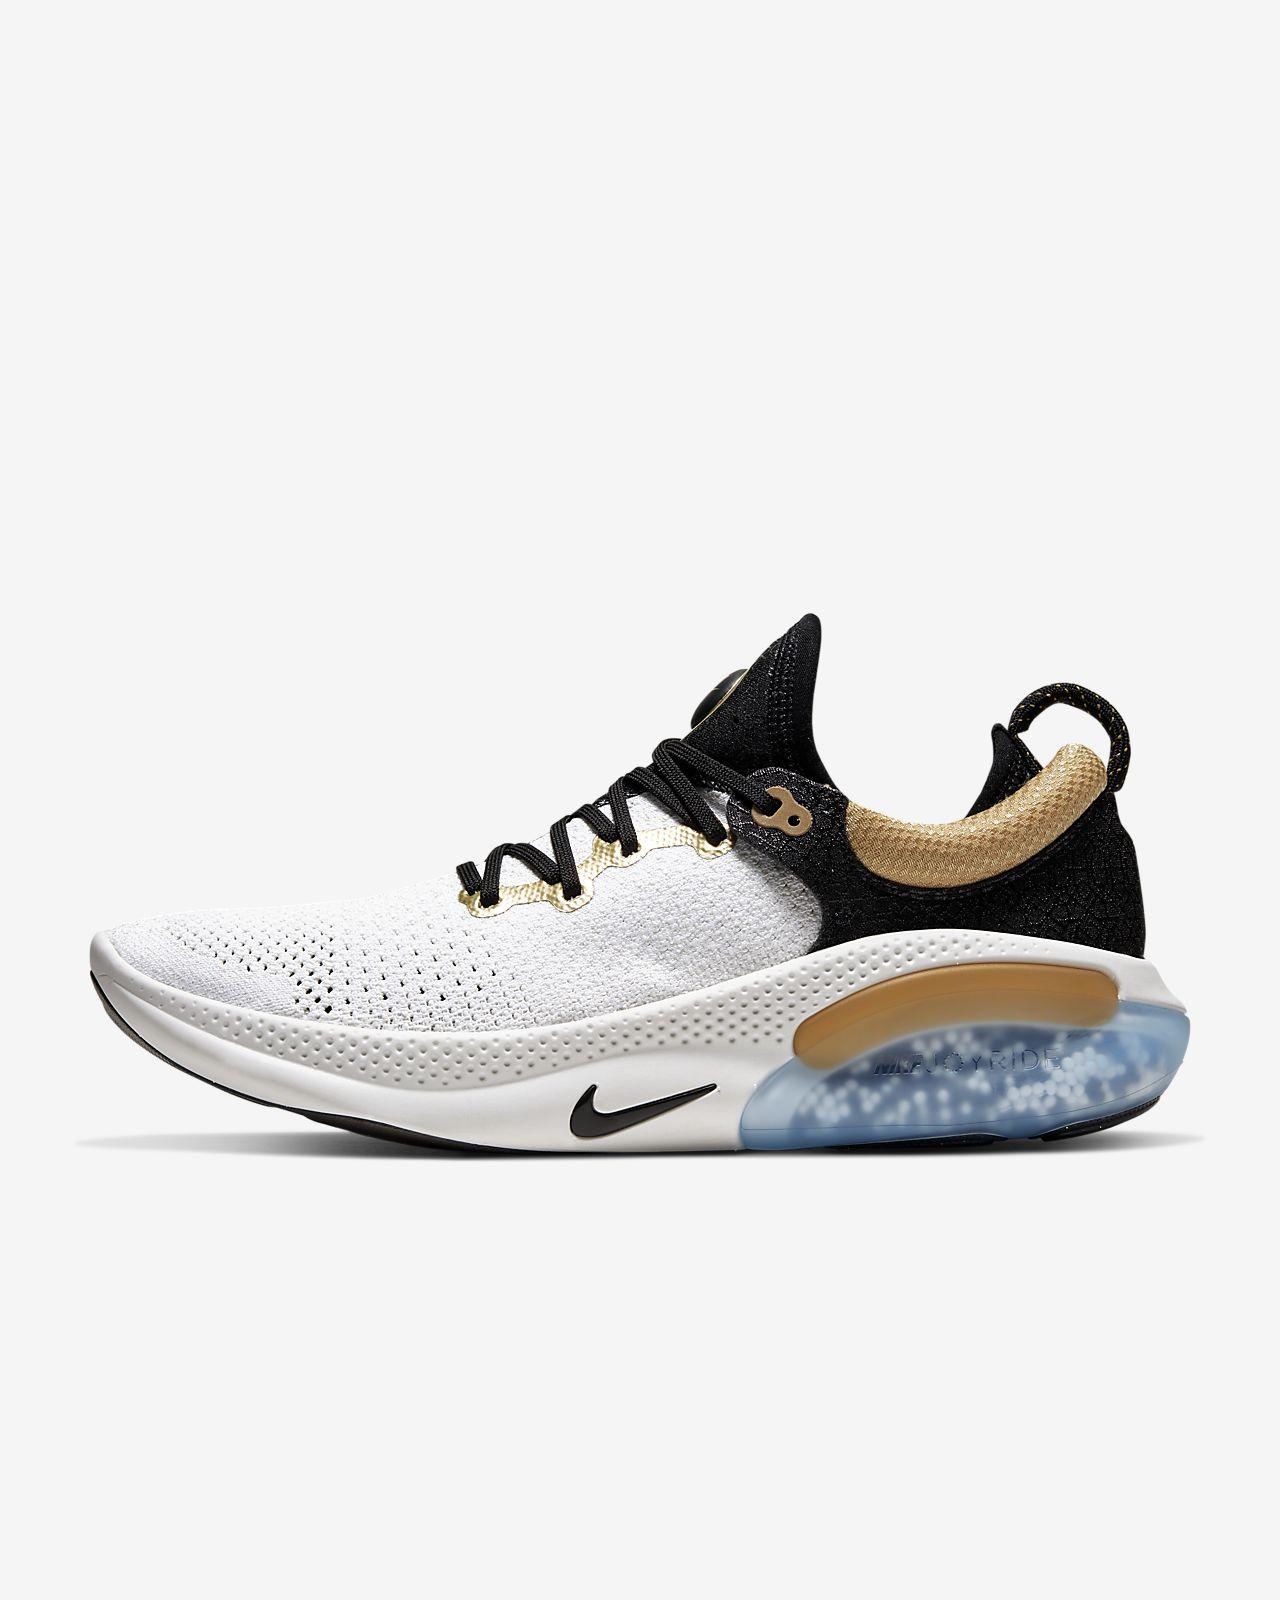 Nike Joyride Shoes Release Info  